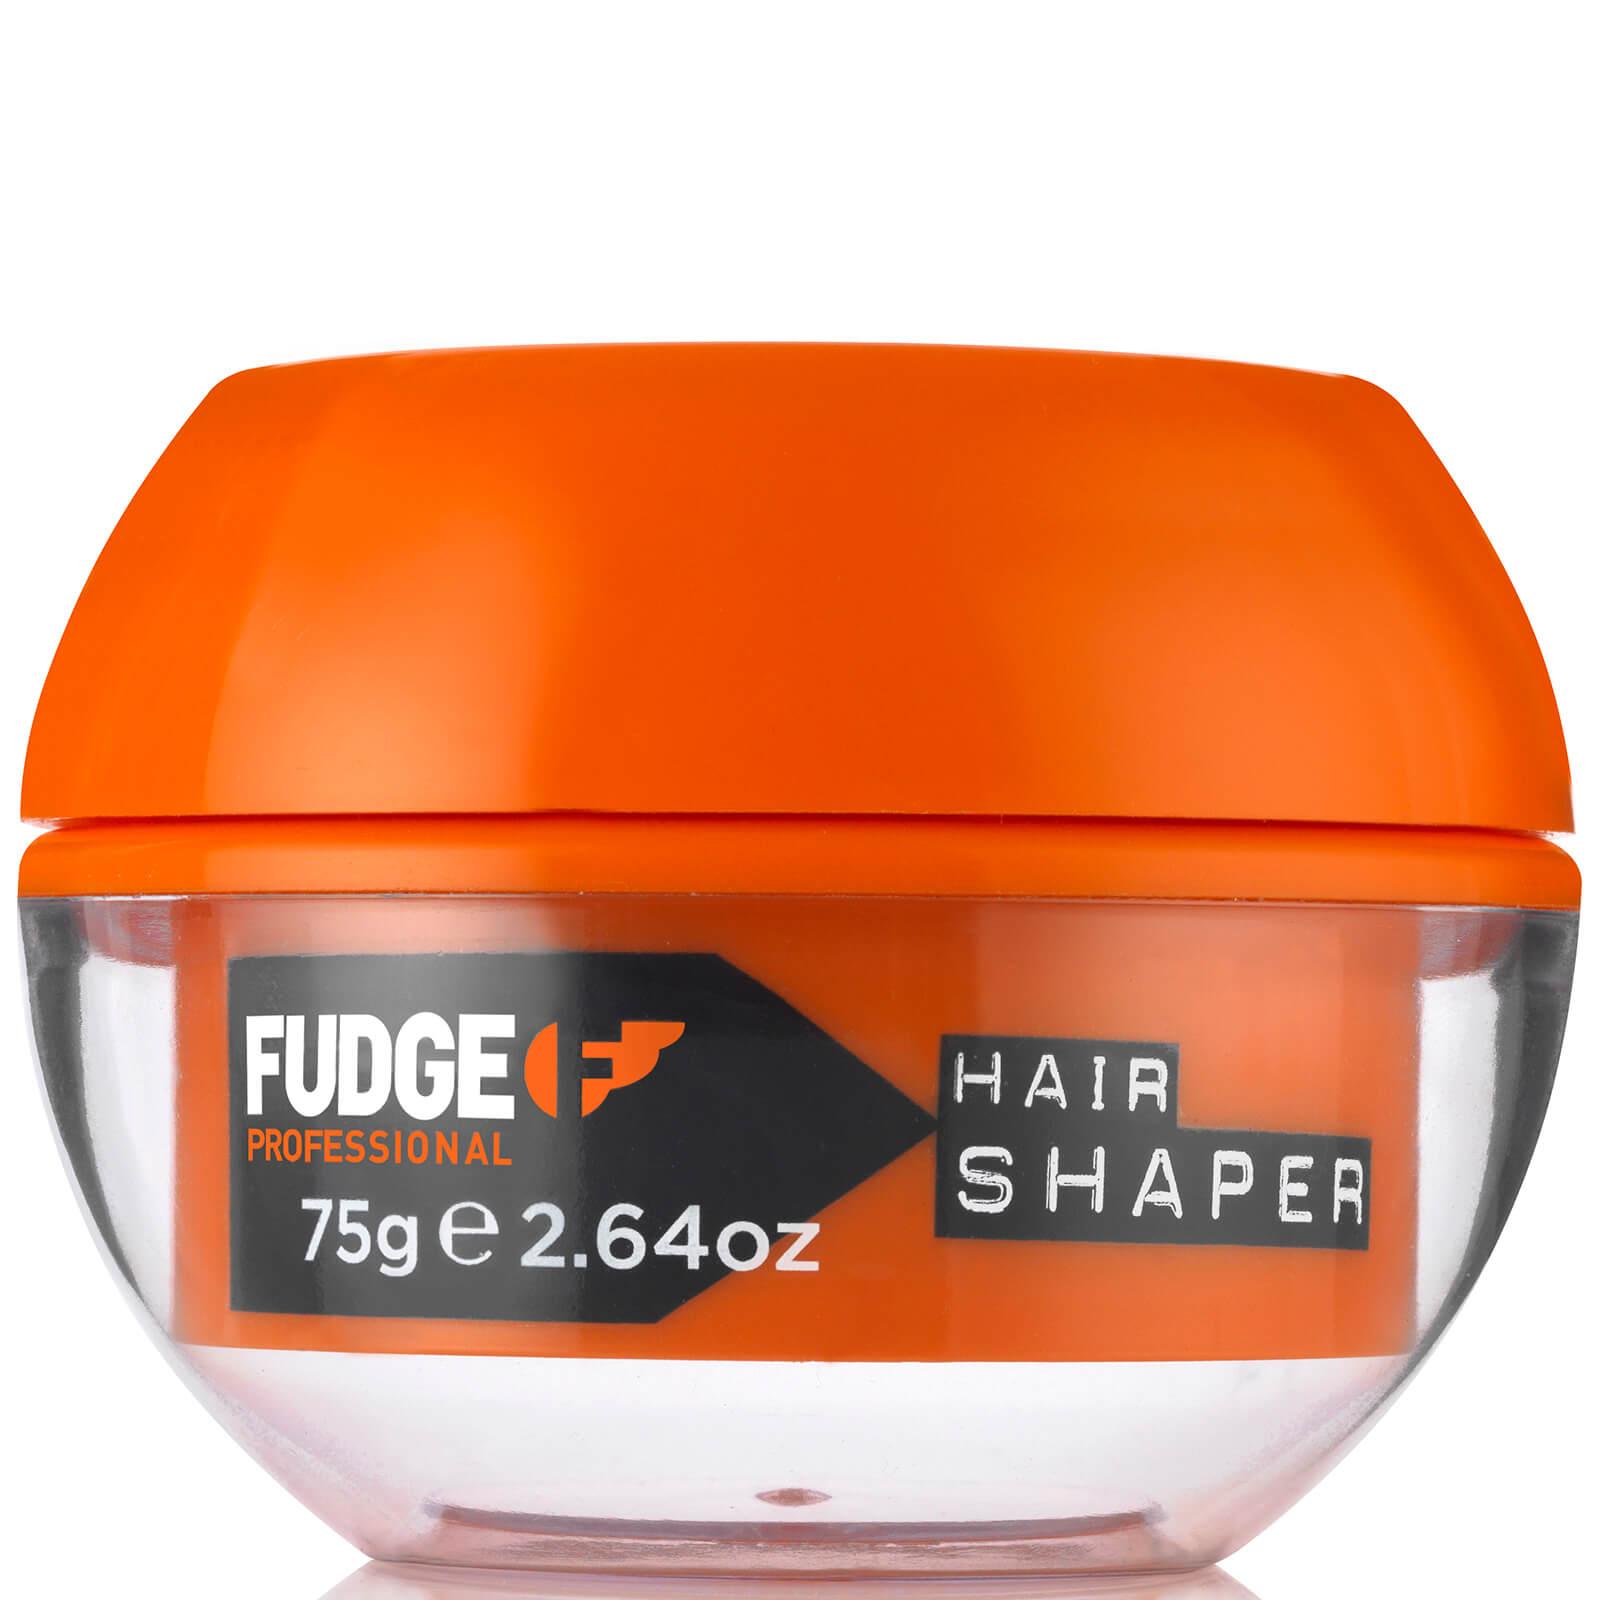 Hair Shaper